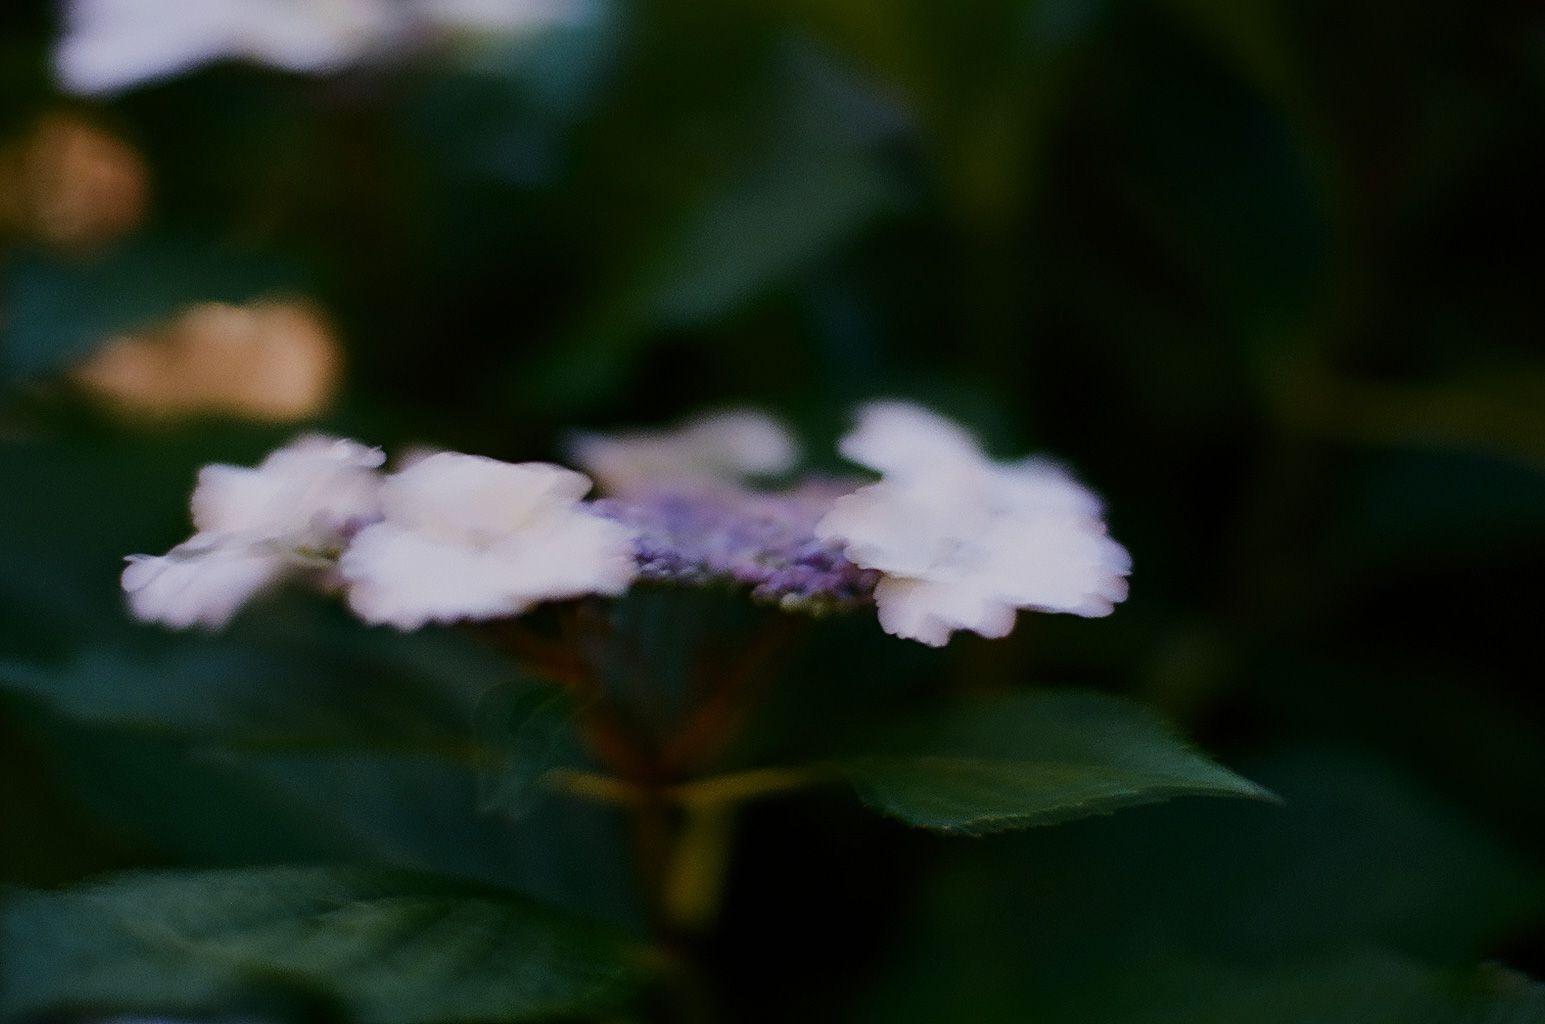 第二十六候 芒種 次候「腐草為蛍」01